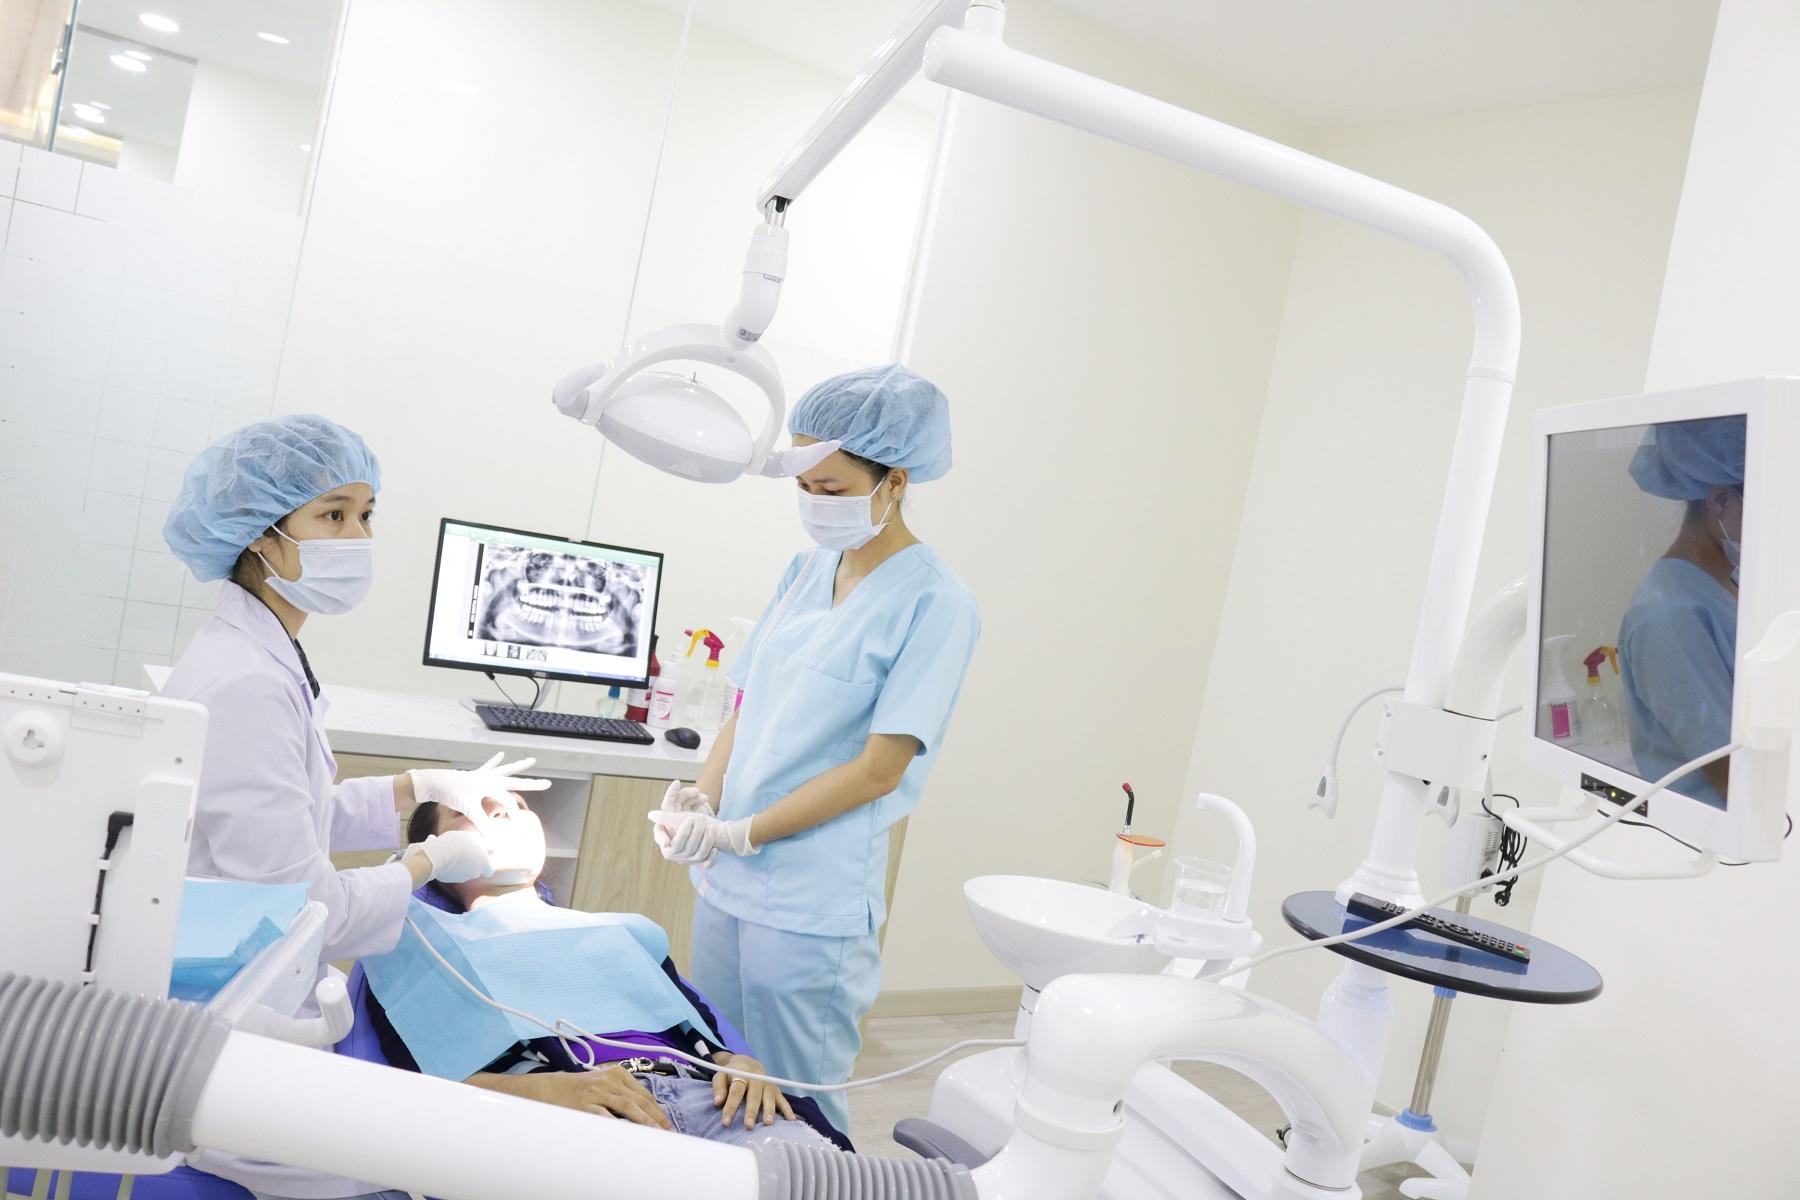 Tẩy trắng răng ở Hà Nội – Địa chỉ nào uy tín, thực hiện an toàn? 8